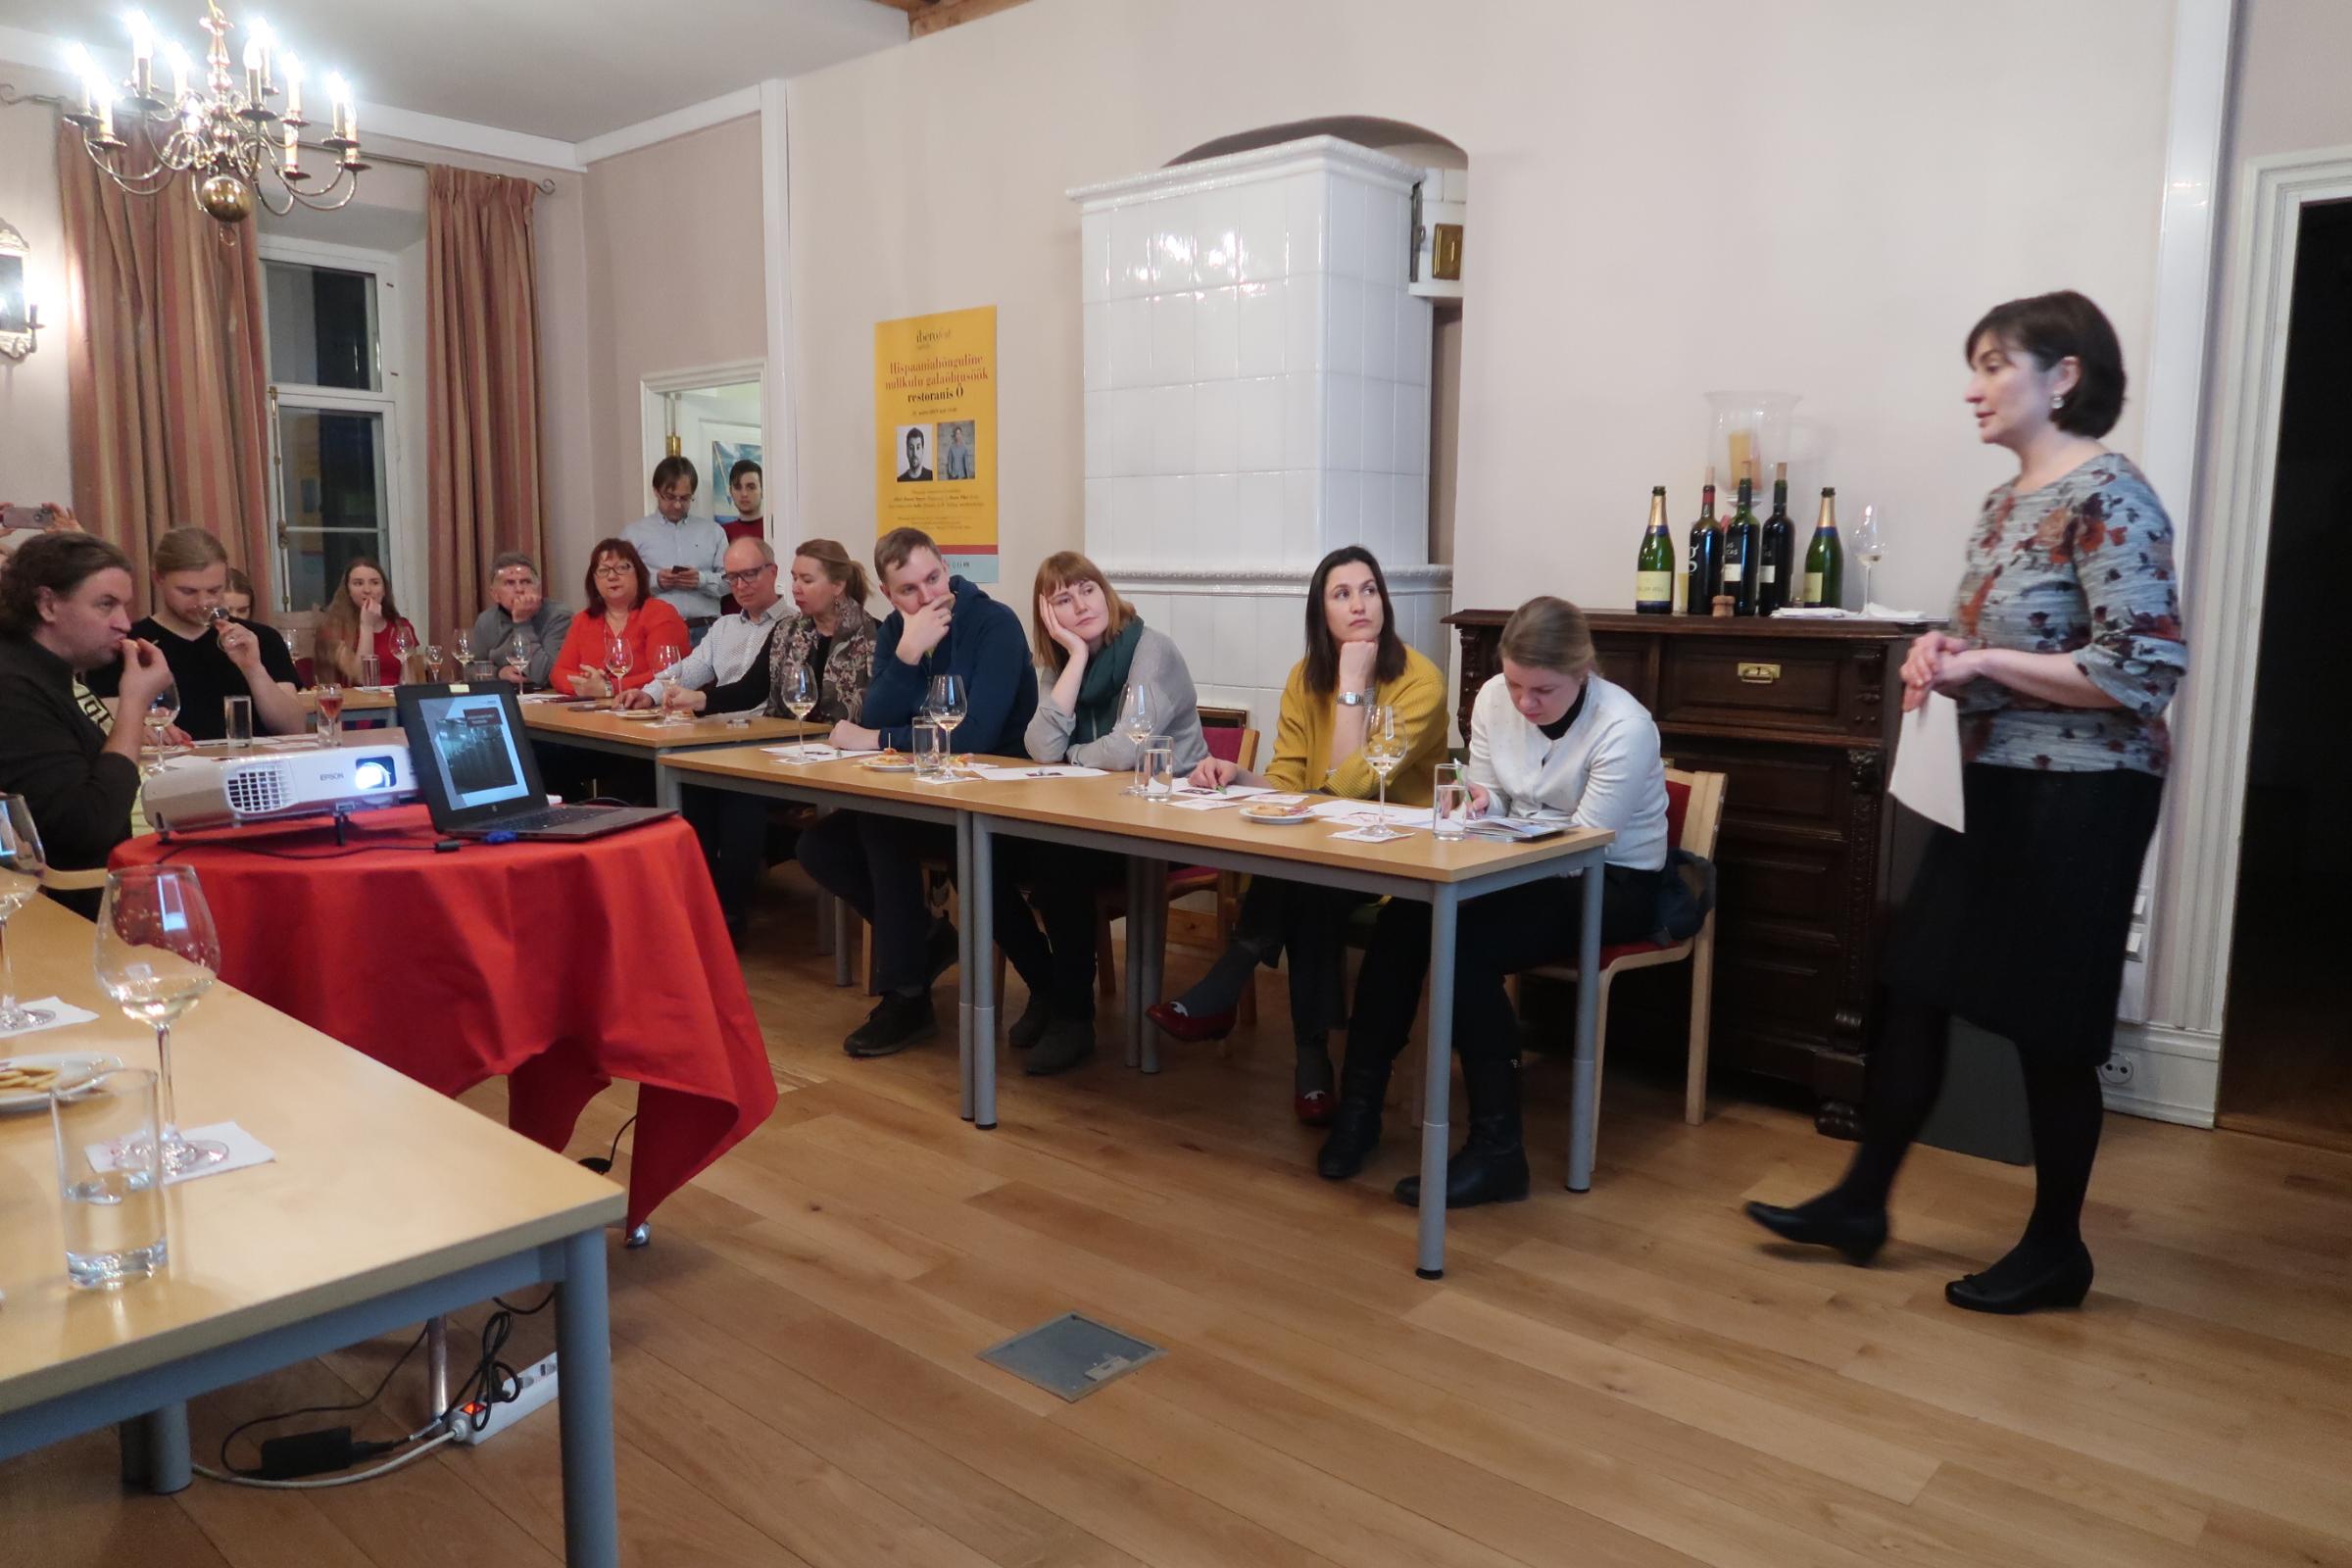 Veinitähestik: Põhja-Hispaania | Iberofest 2019